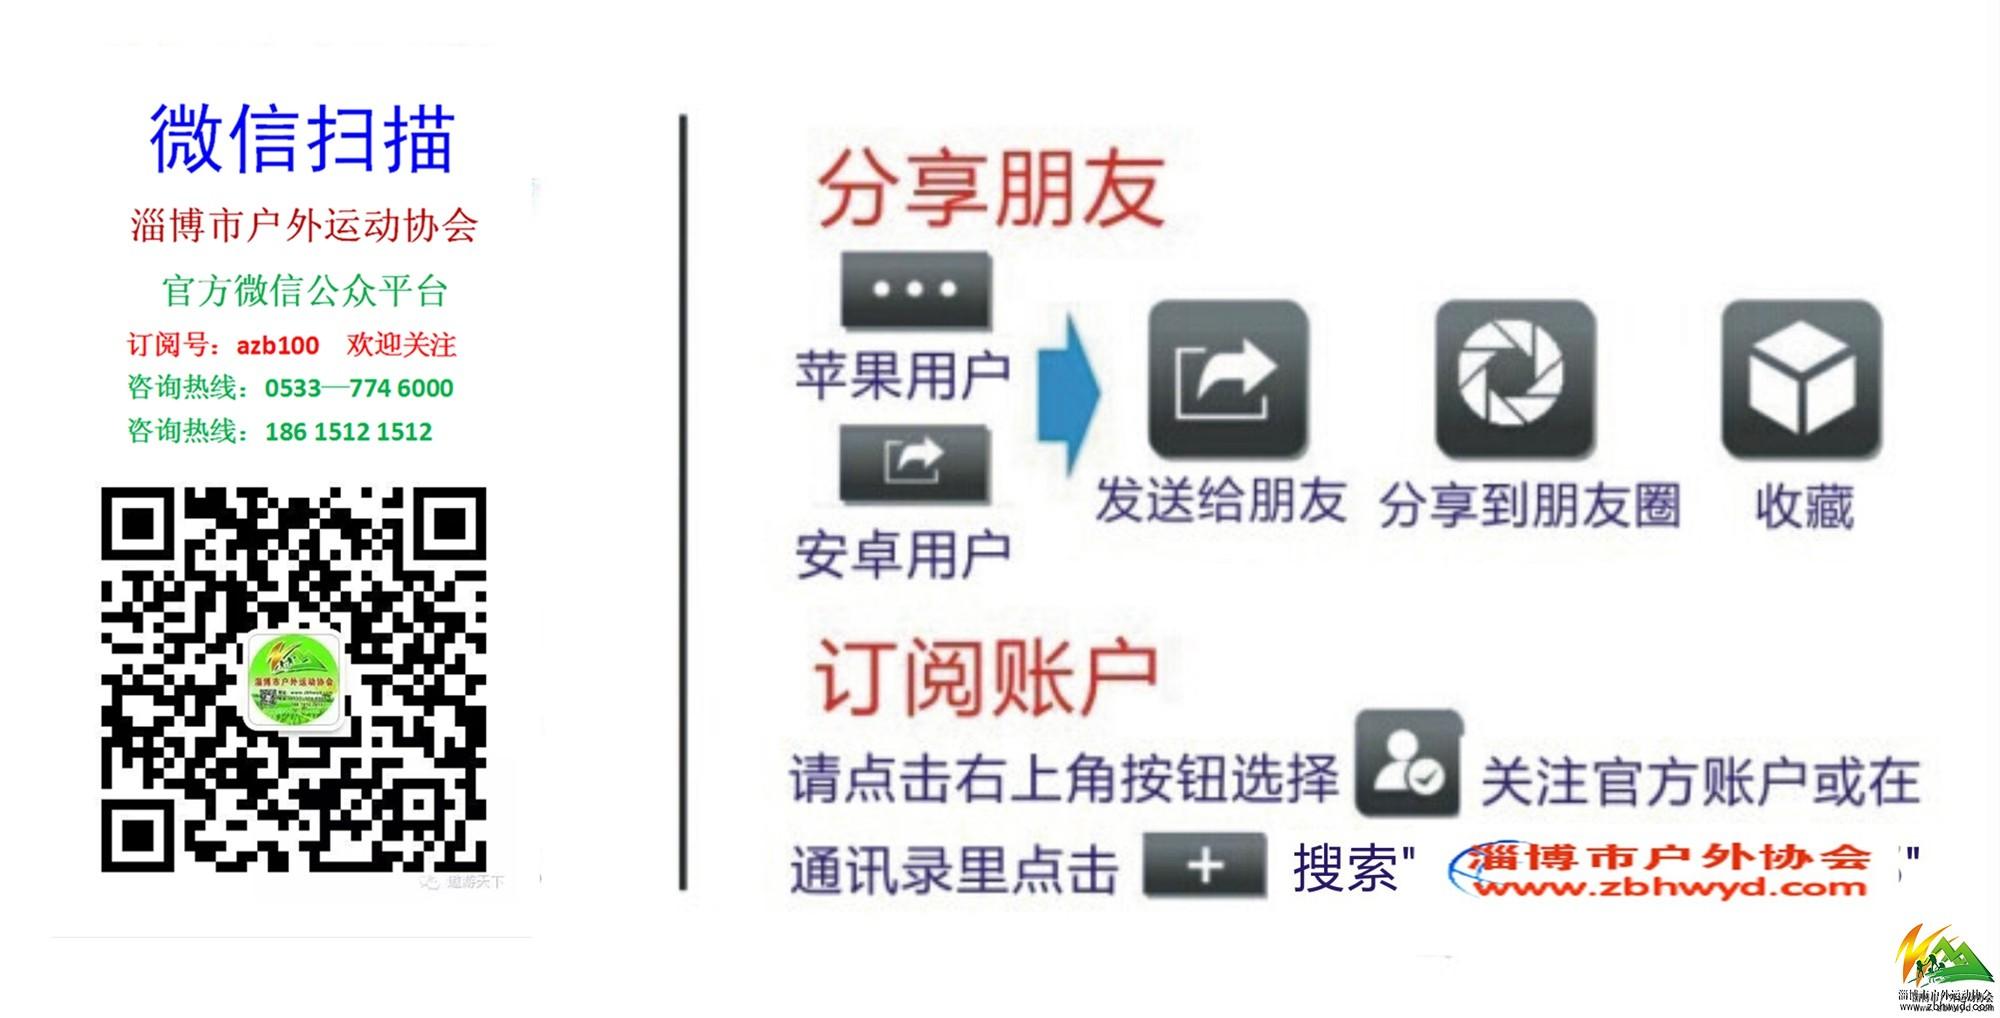 二维码3.jpg